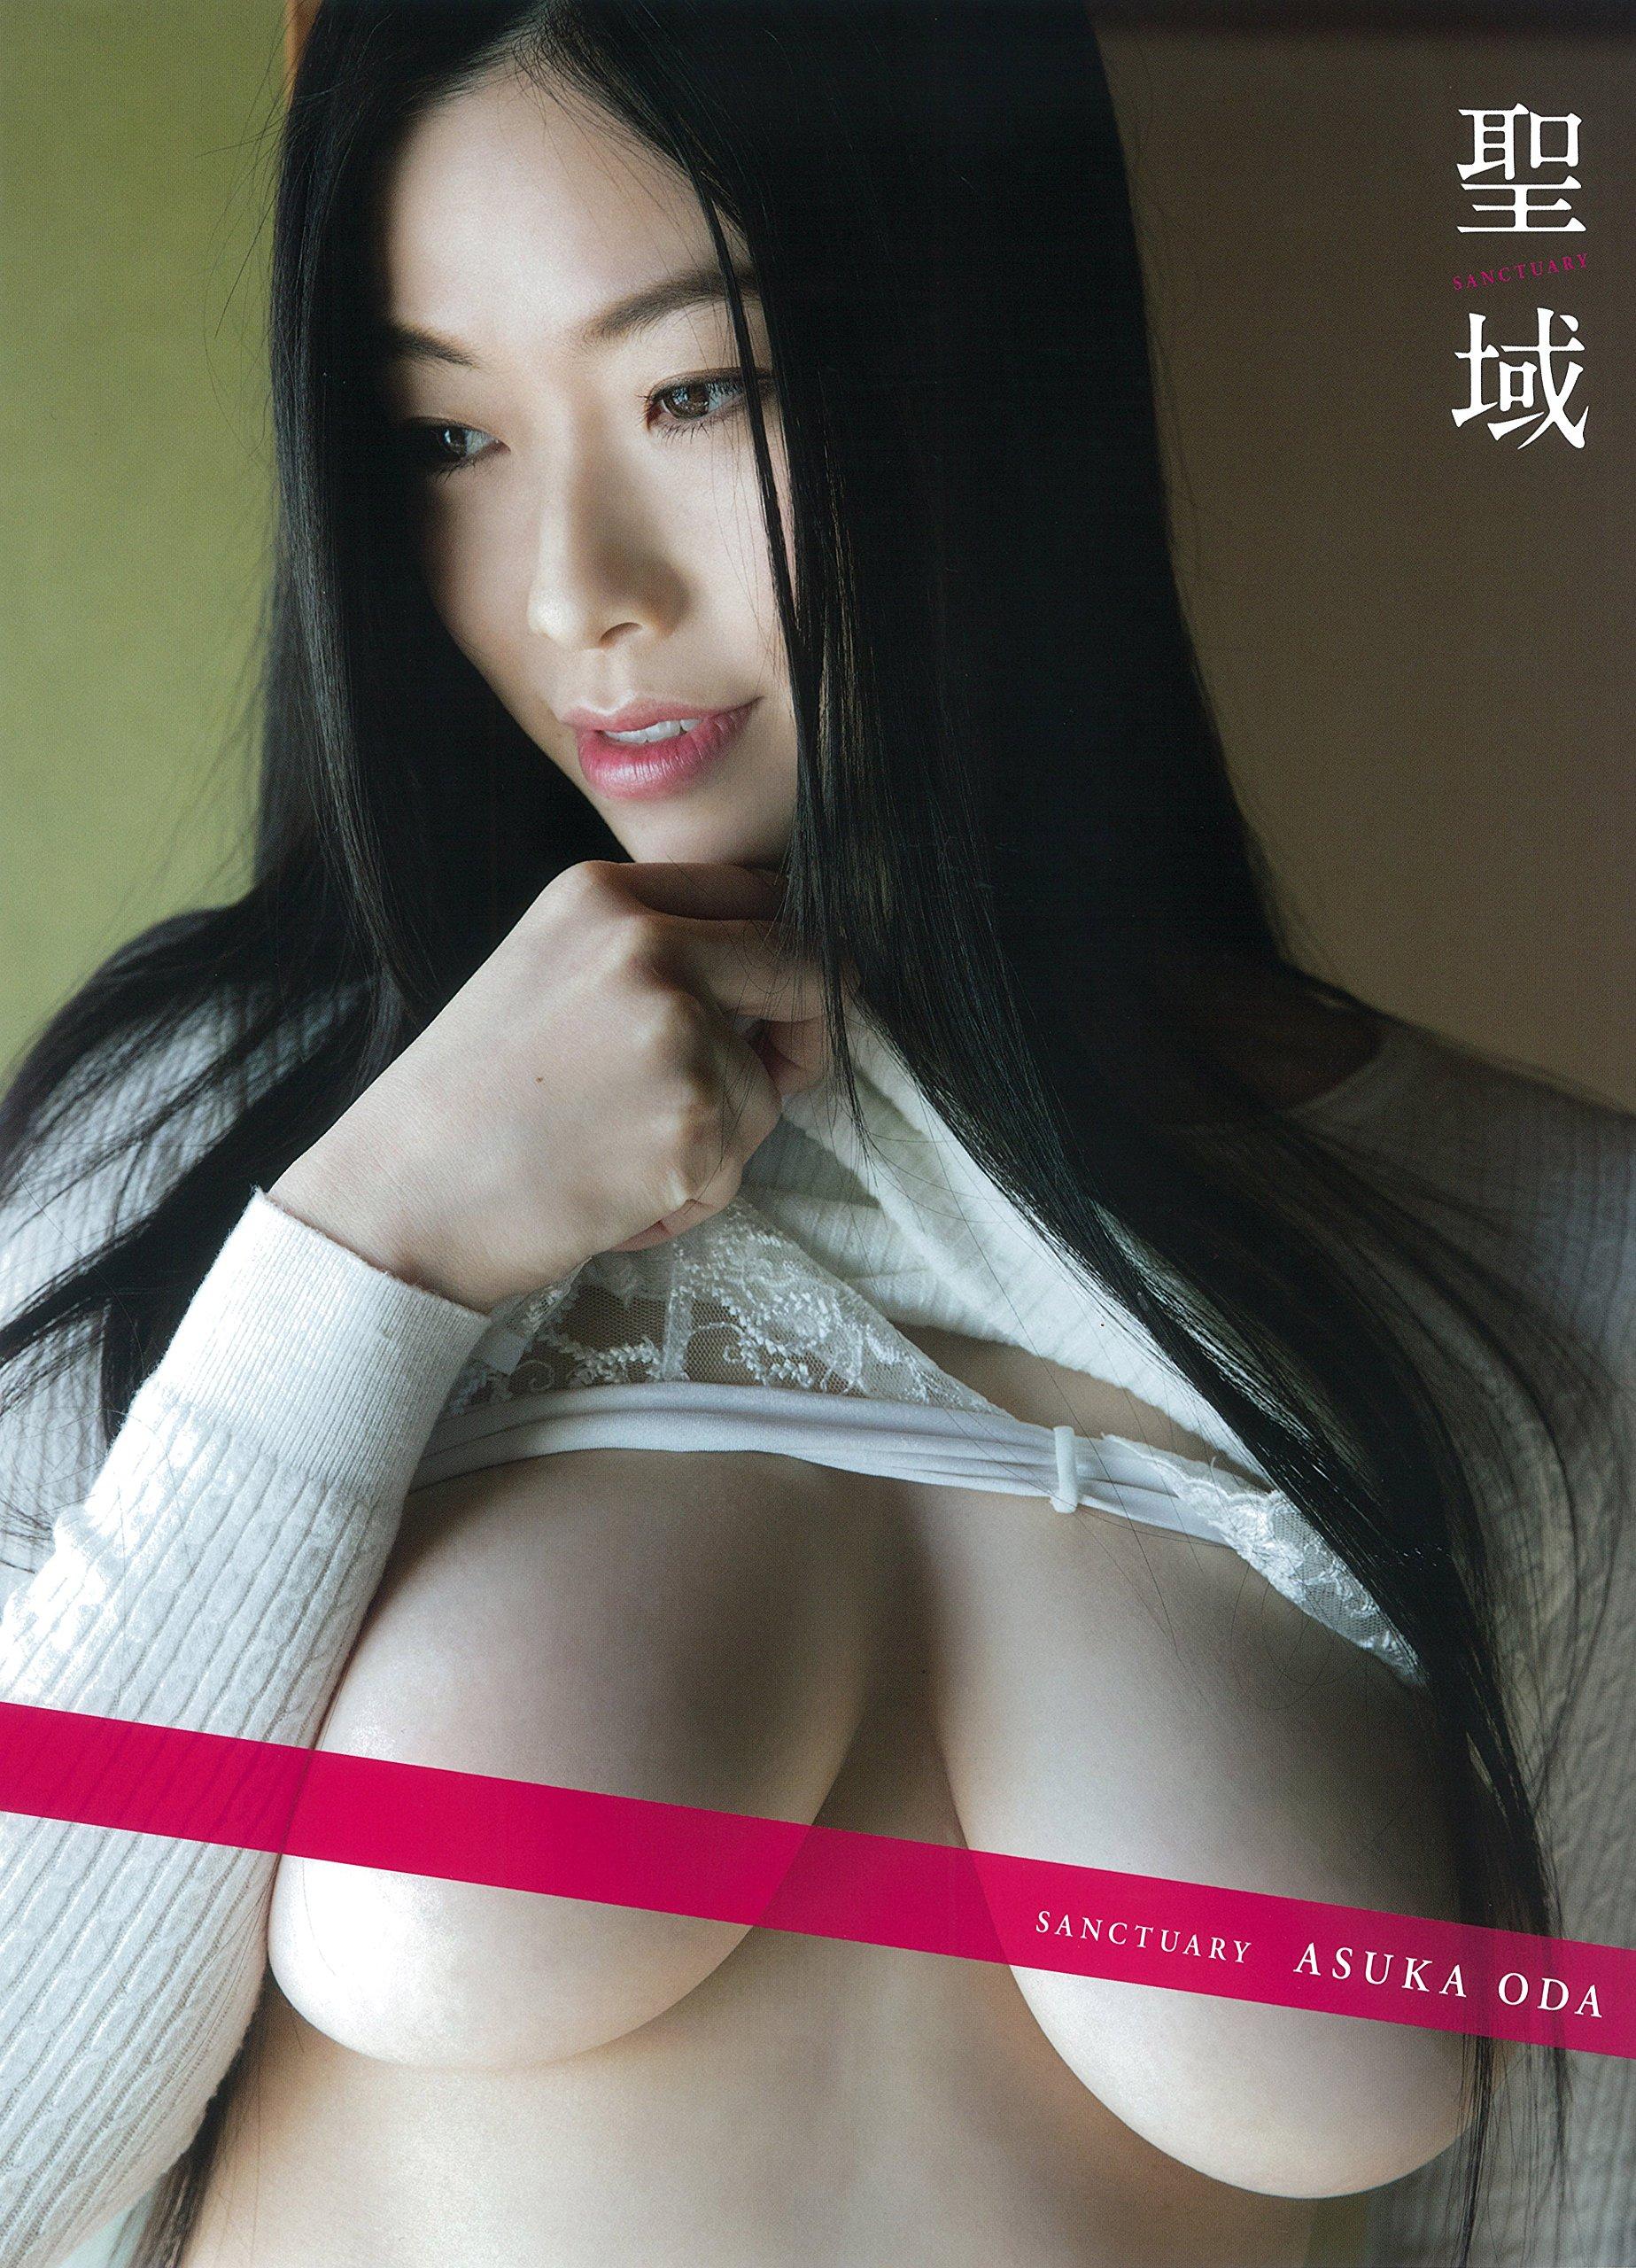 グラビアアイドル Iカップ 小田飛鳥 Oda Asuka 作品集